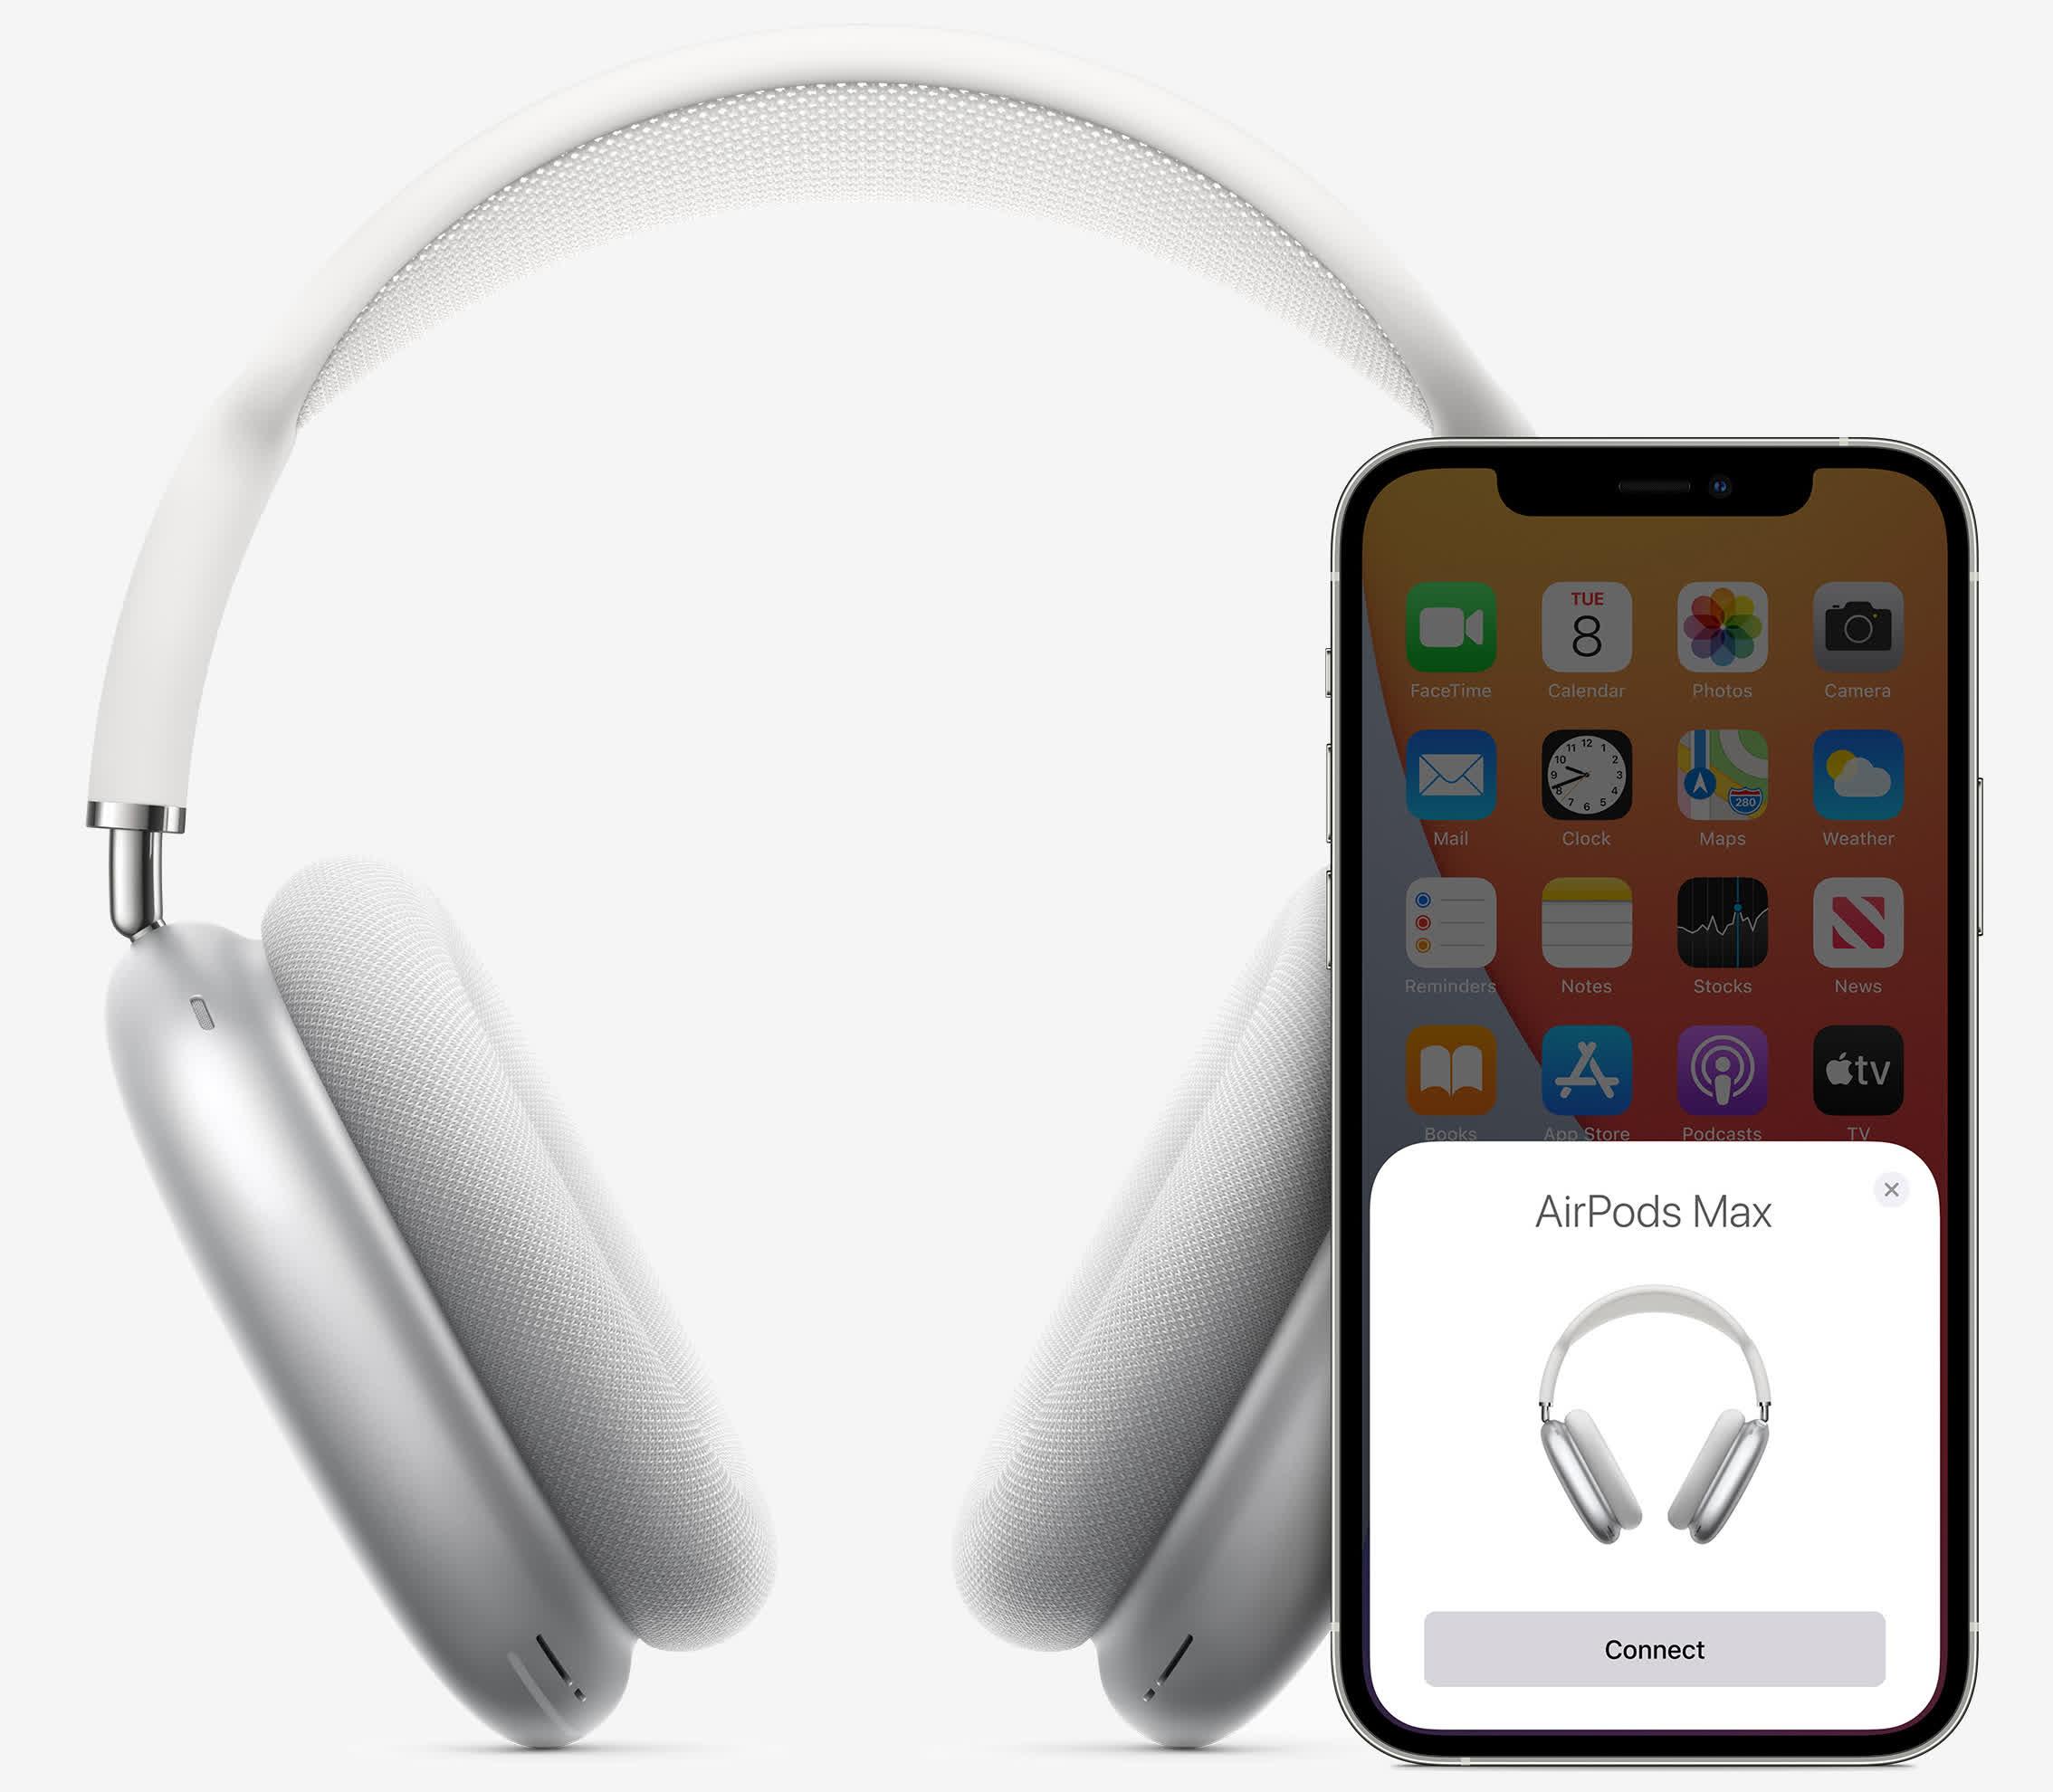 Apple confirme quaucun de ses AirPod ne prend en charge